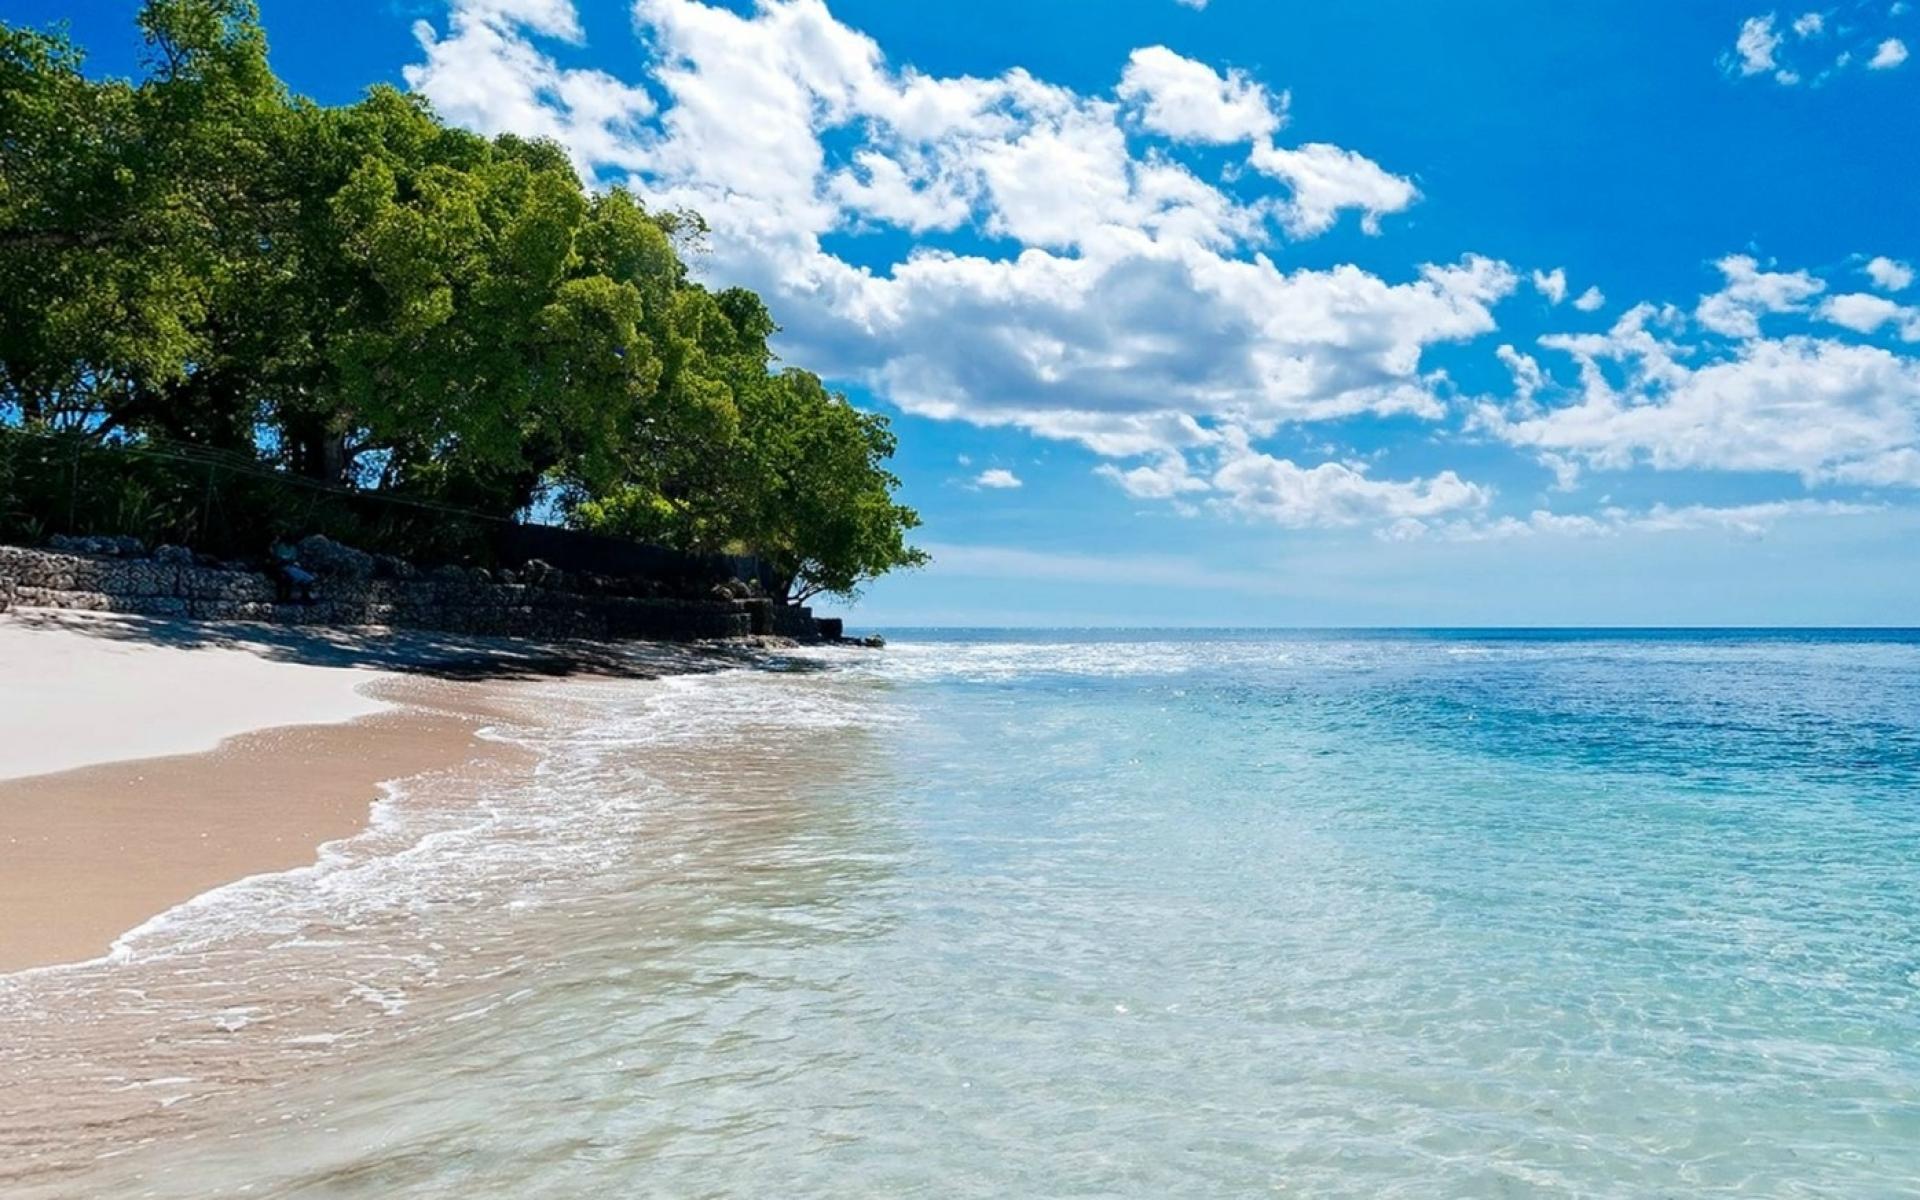 Caribbean Beaches 1920x1200